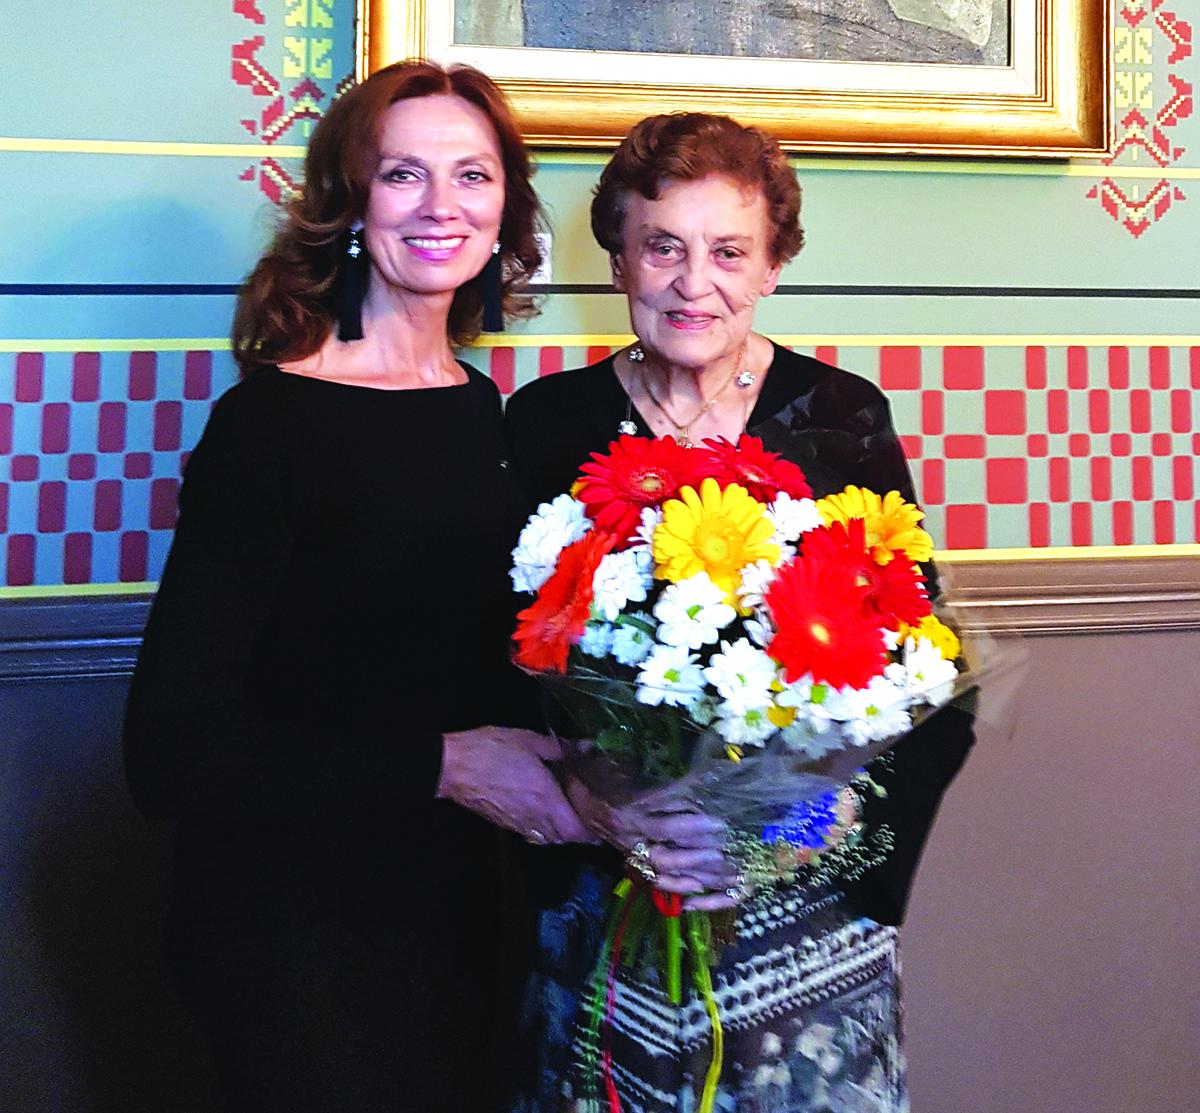 Marija Remienė su aktore Virginija Kochanskyte Maironio lietuvių literatūros muziejuje.